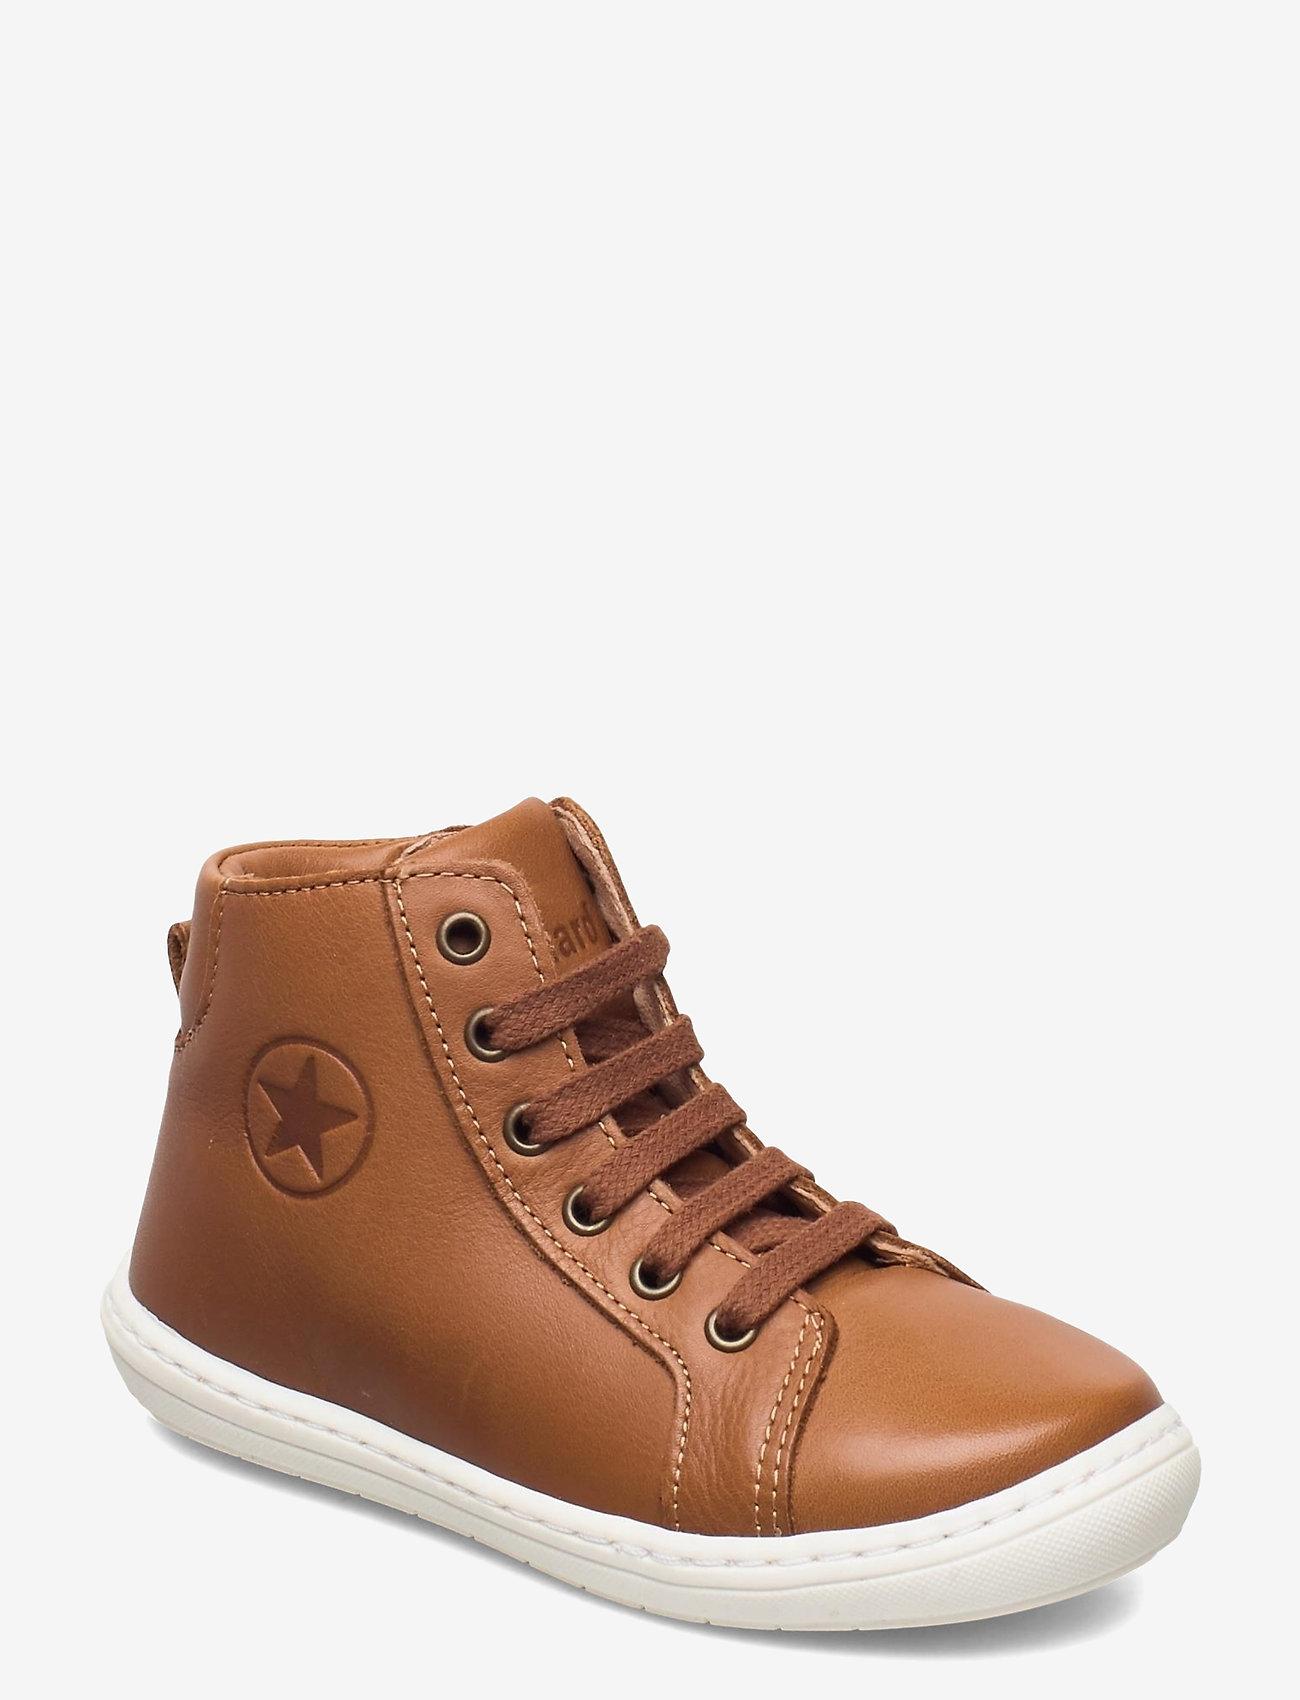 Bisgaard - bisgaard tage - høje sneakers - cognac - 0